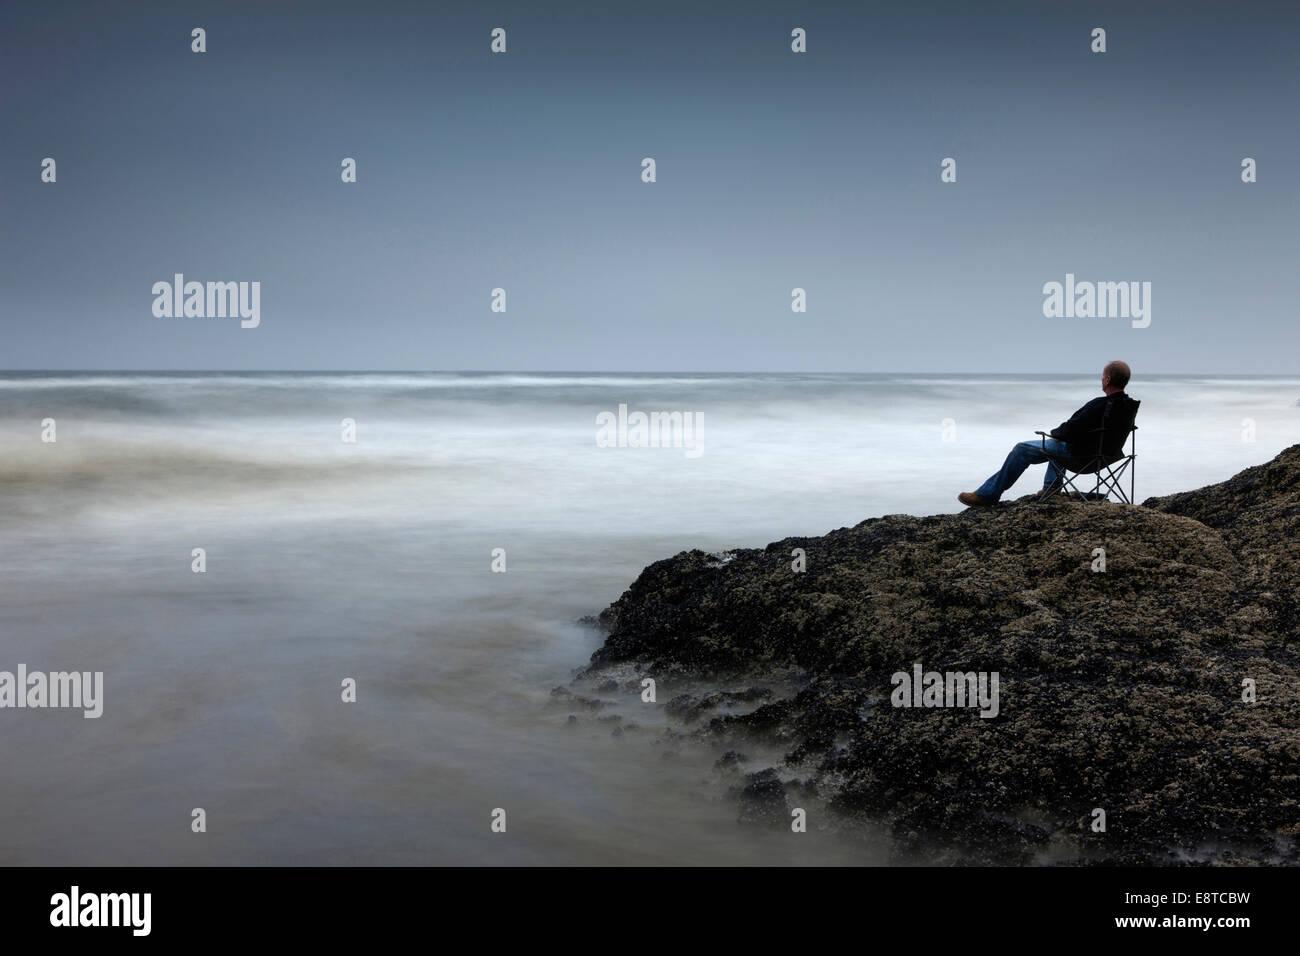 Uomo caucasico in cattedra si affaccia su onde sulla spiaggia rocciosa Immagini Stock